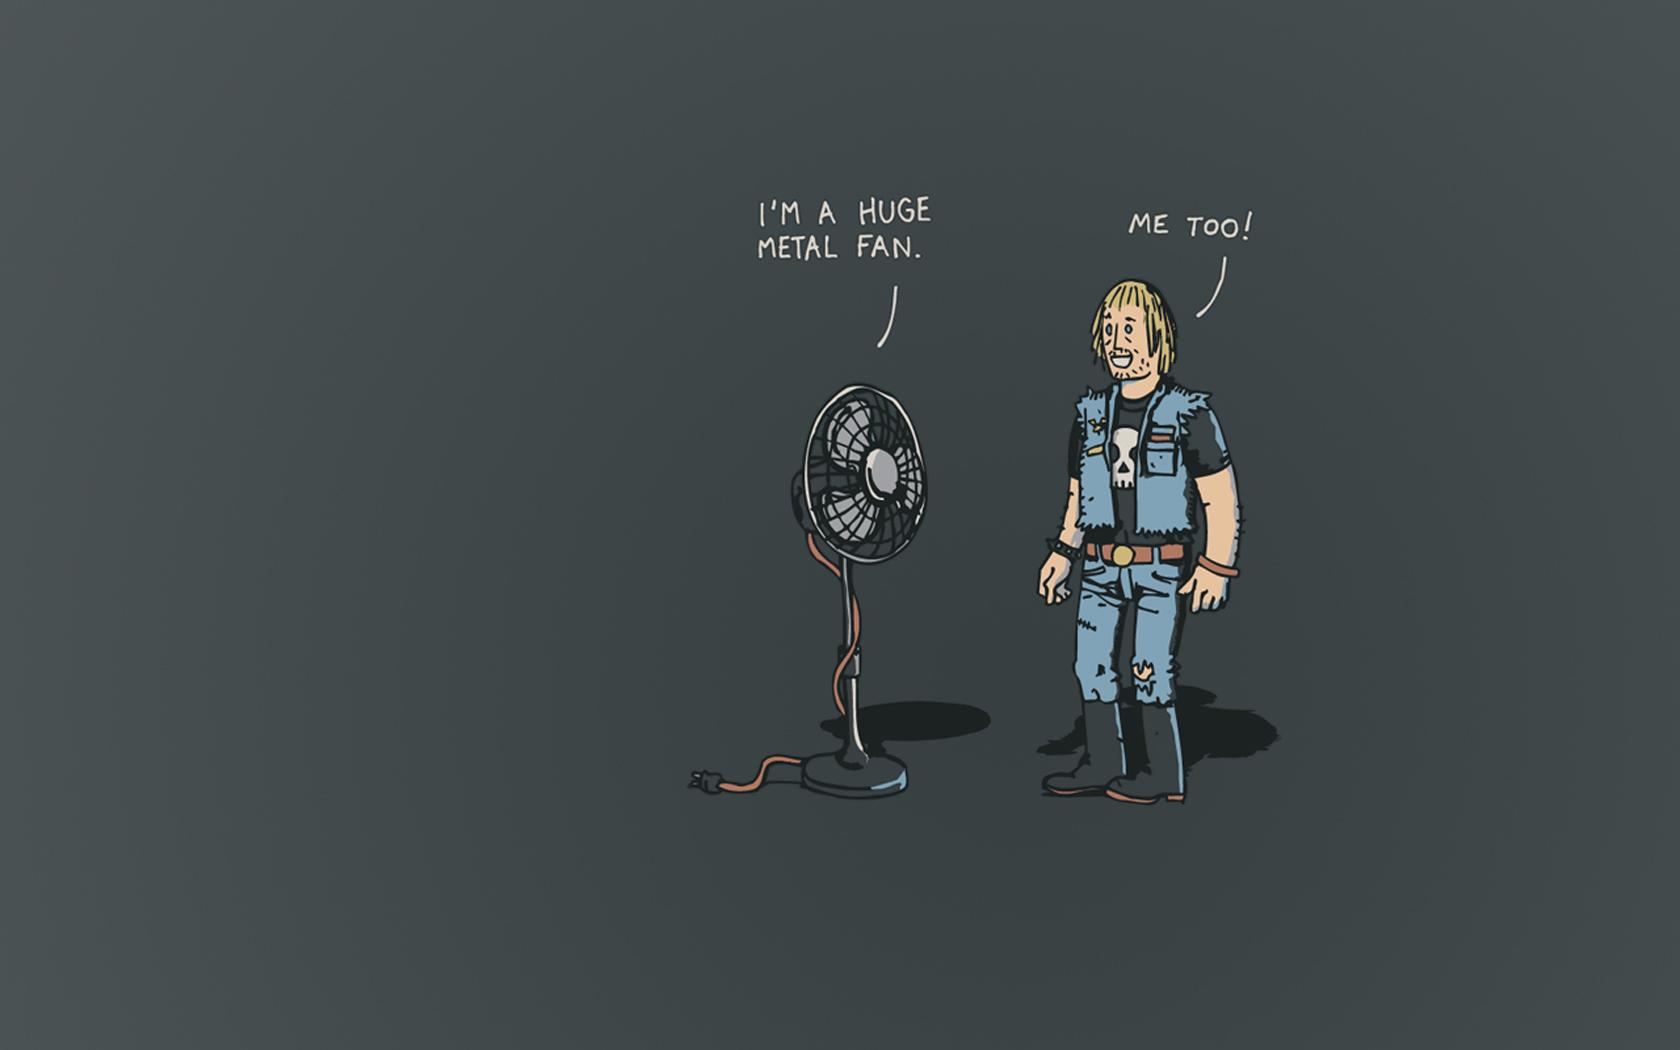 Metal Fan Funny Joke   Wallpaper 30683 1680x1050